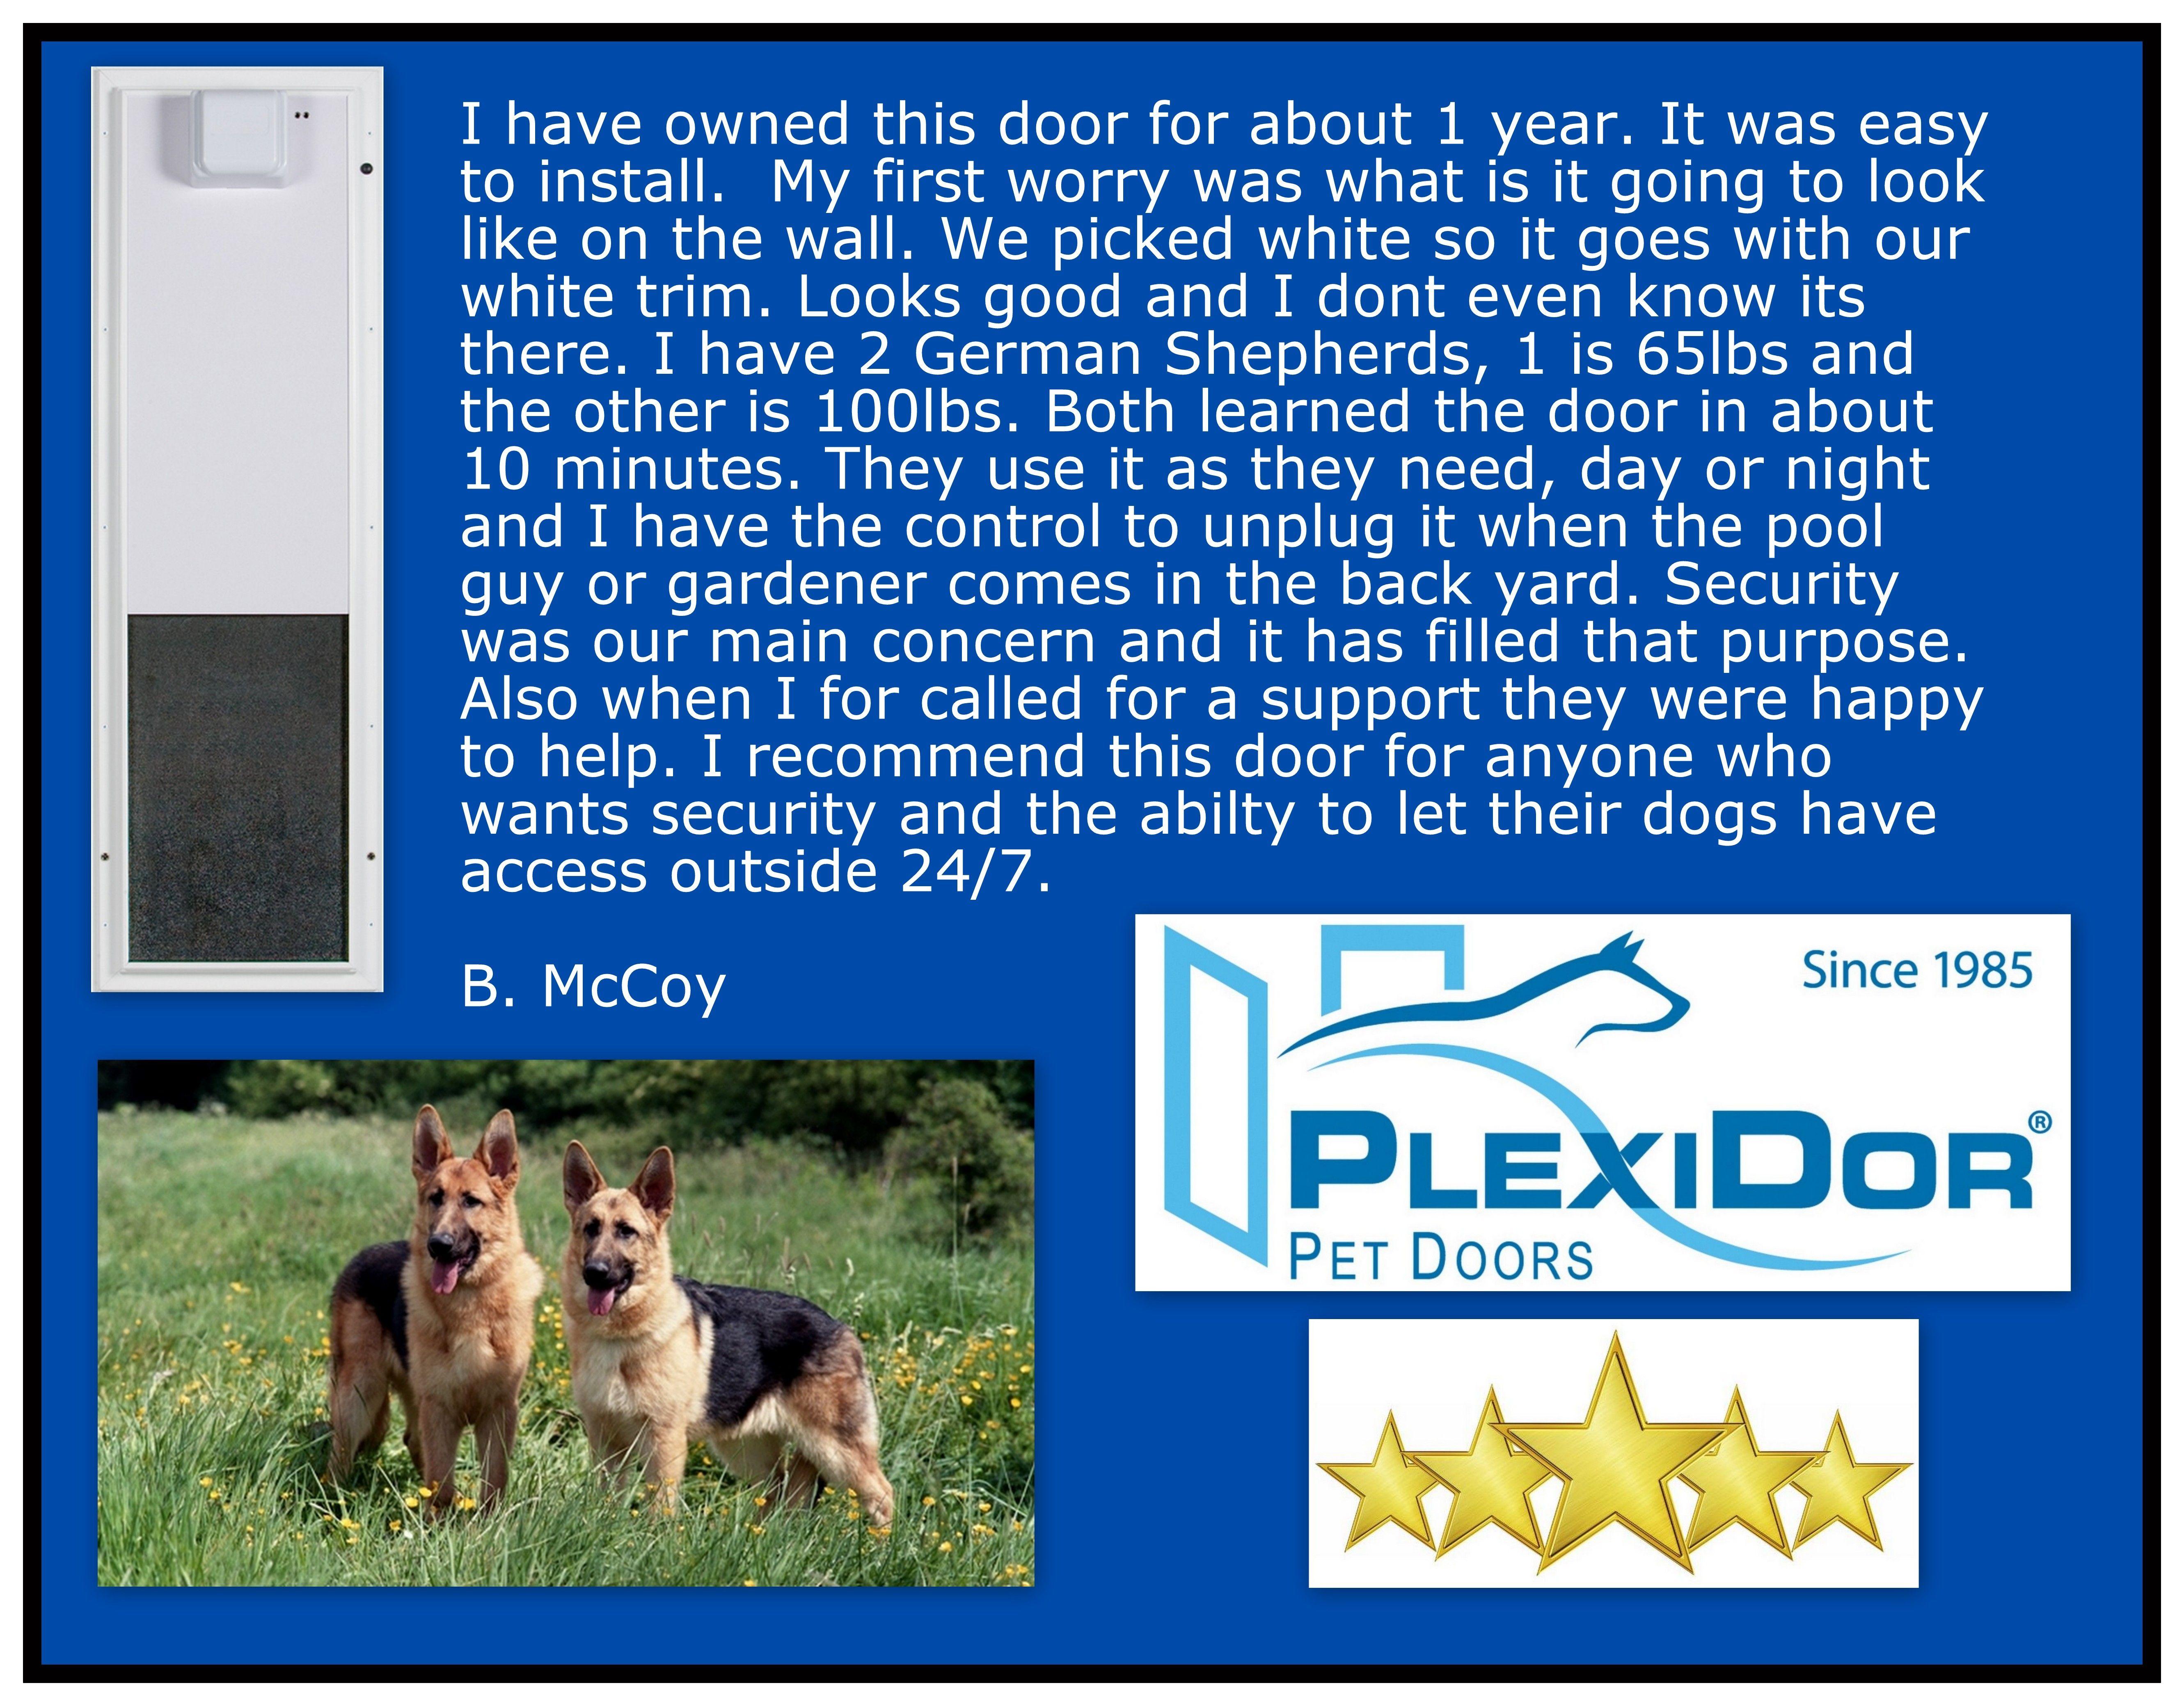 Plexidor Electronic Pet Door Pets Pet Door White Trim